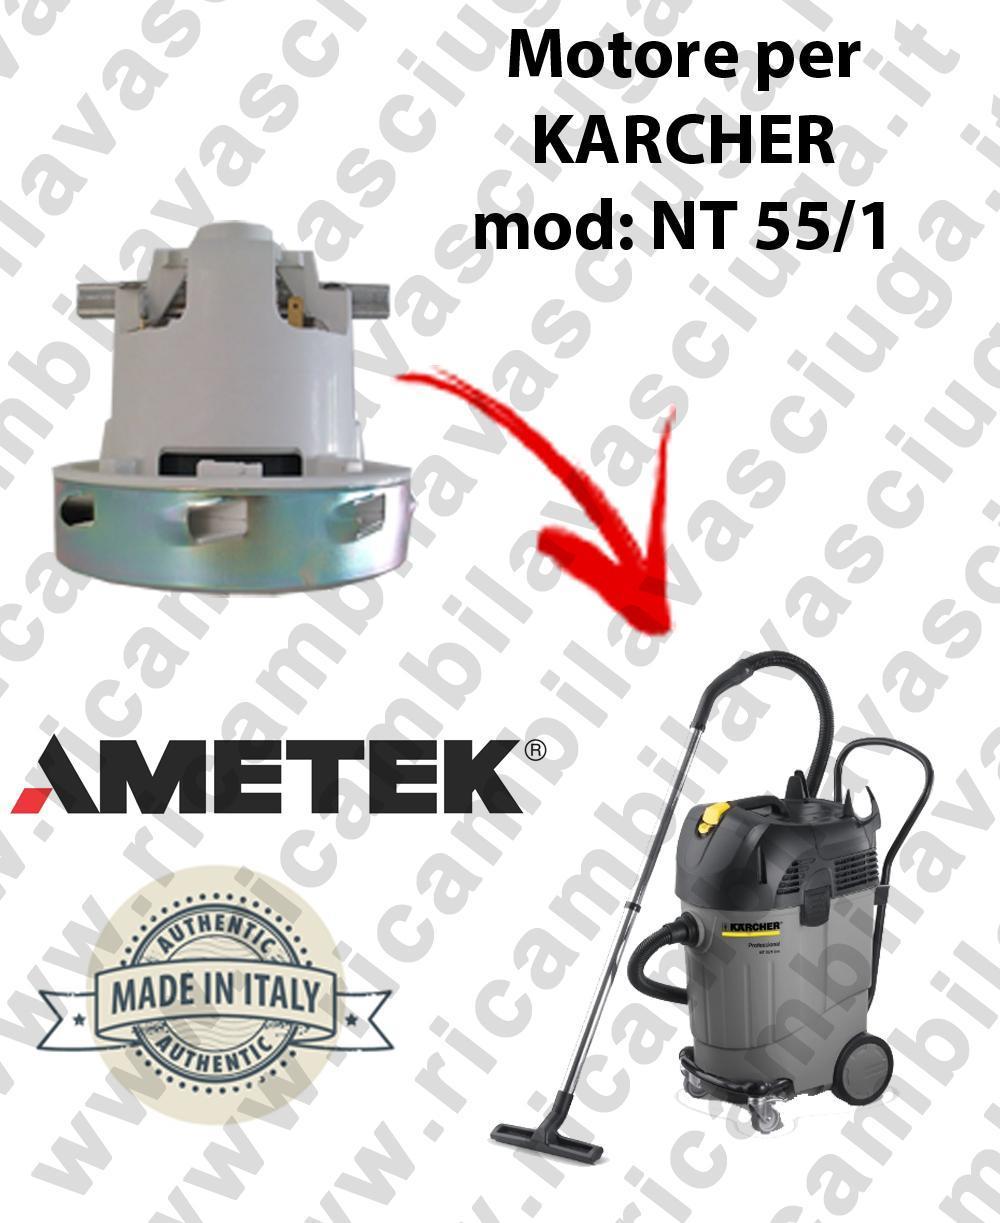 NT 55/1 Saugmotor AMETEK für Staubsauger KARCHER